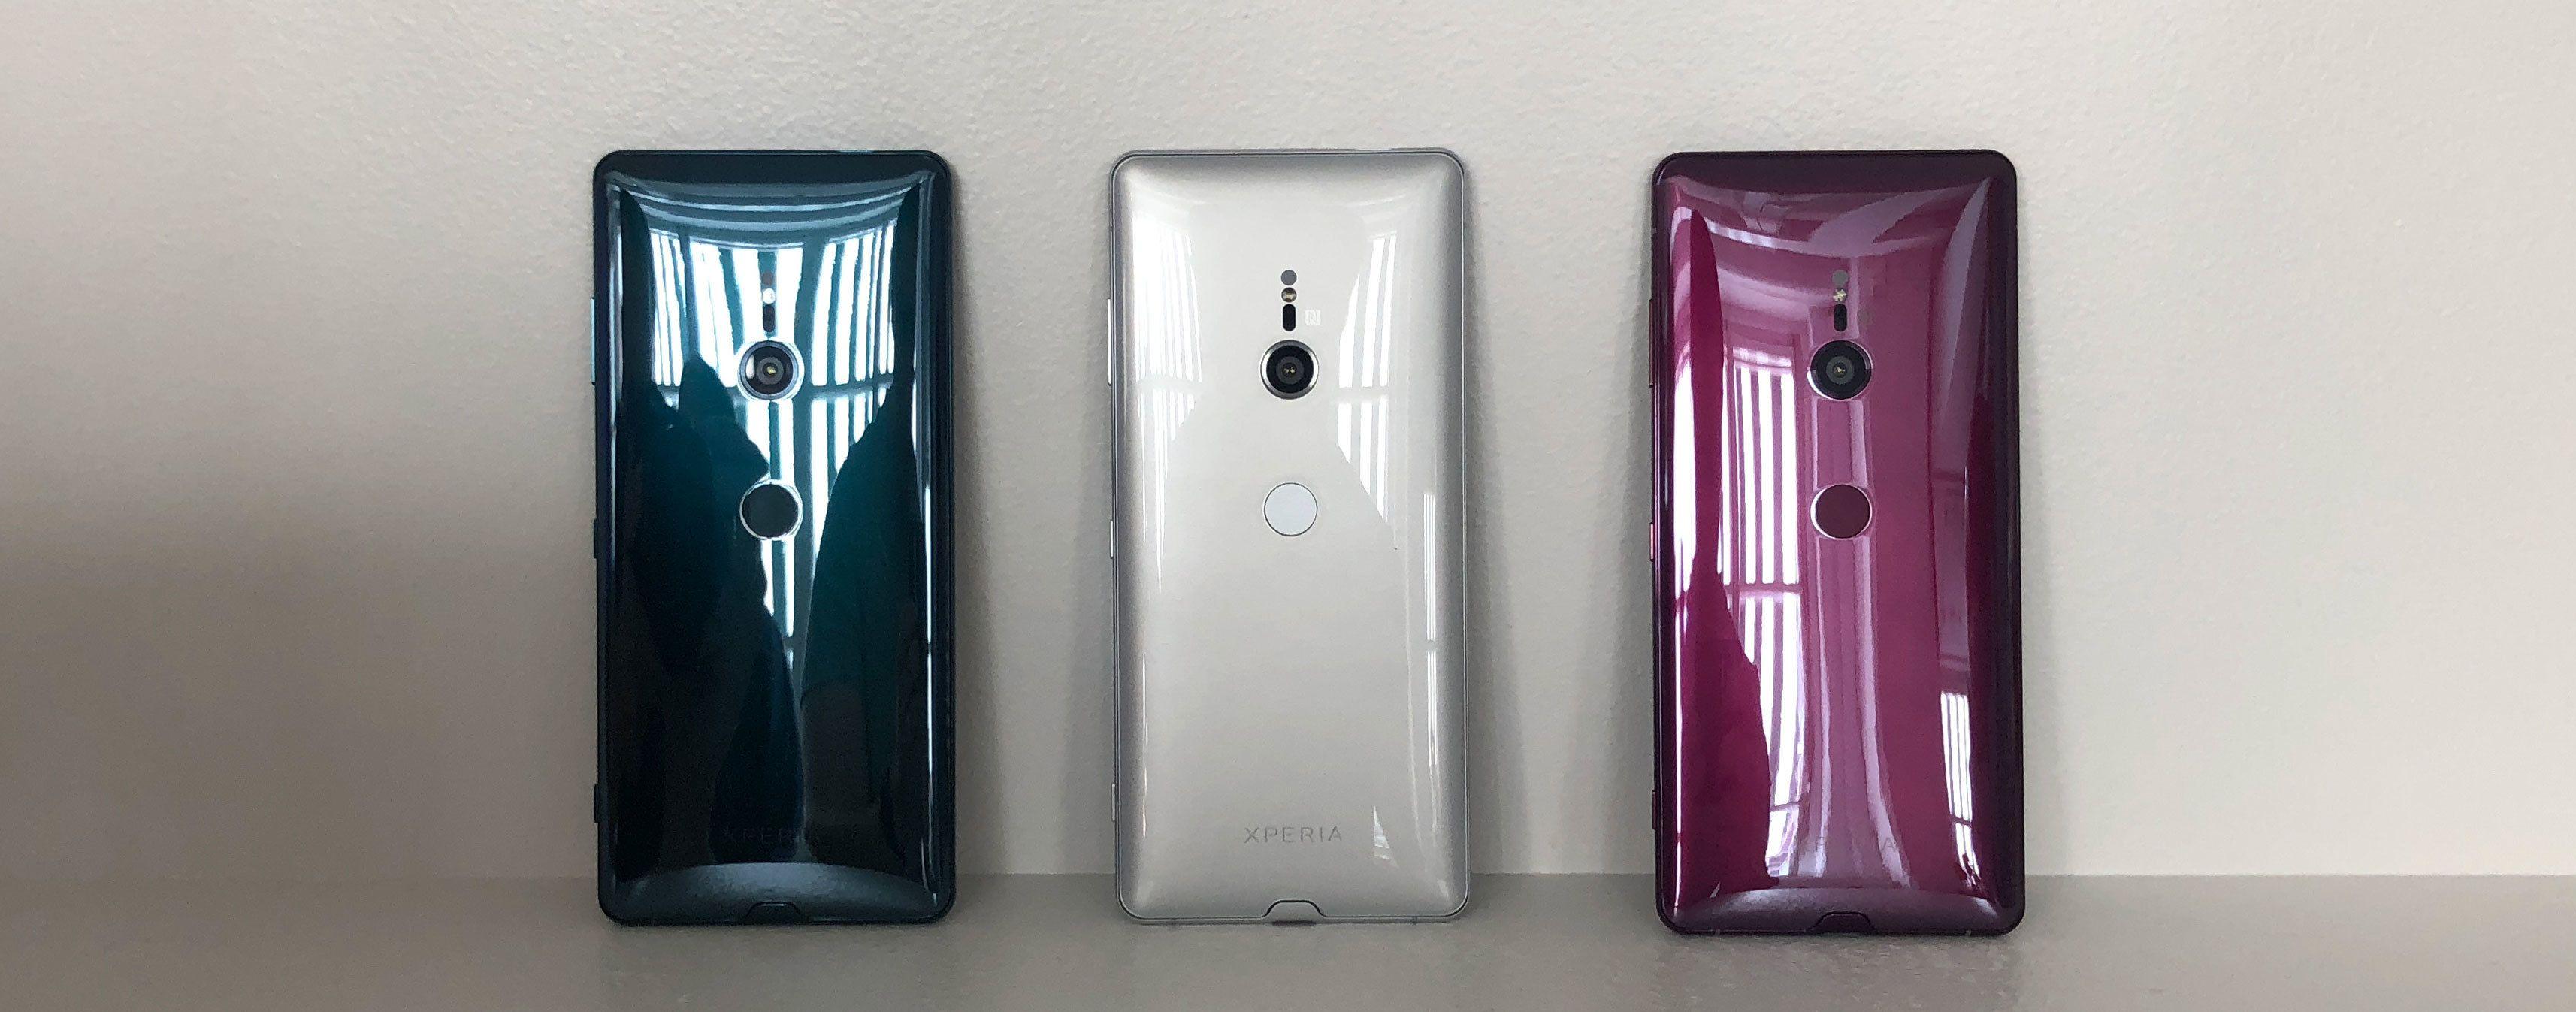 Her er tre av fargene Xperia XZ3 kommer i. Den fjerde fargen er svart.